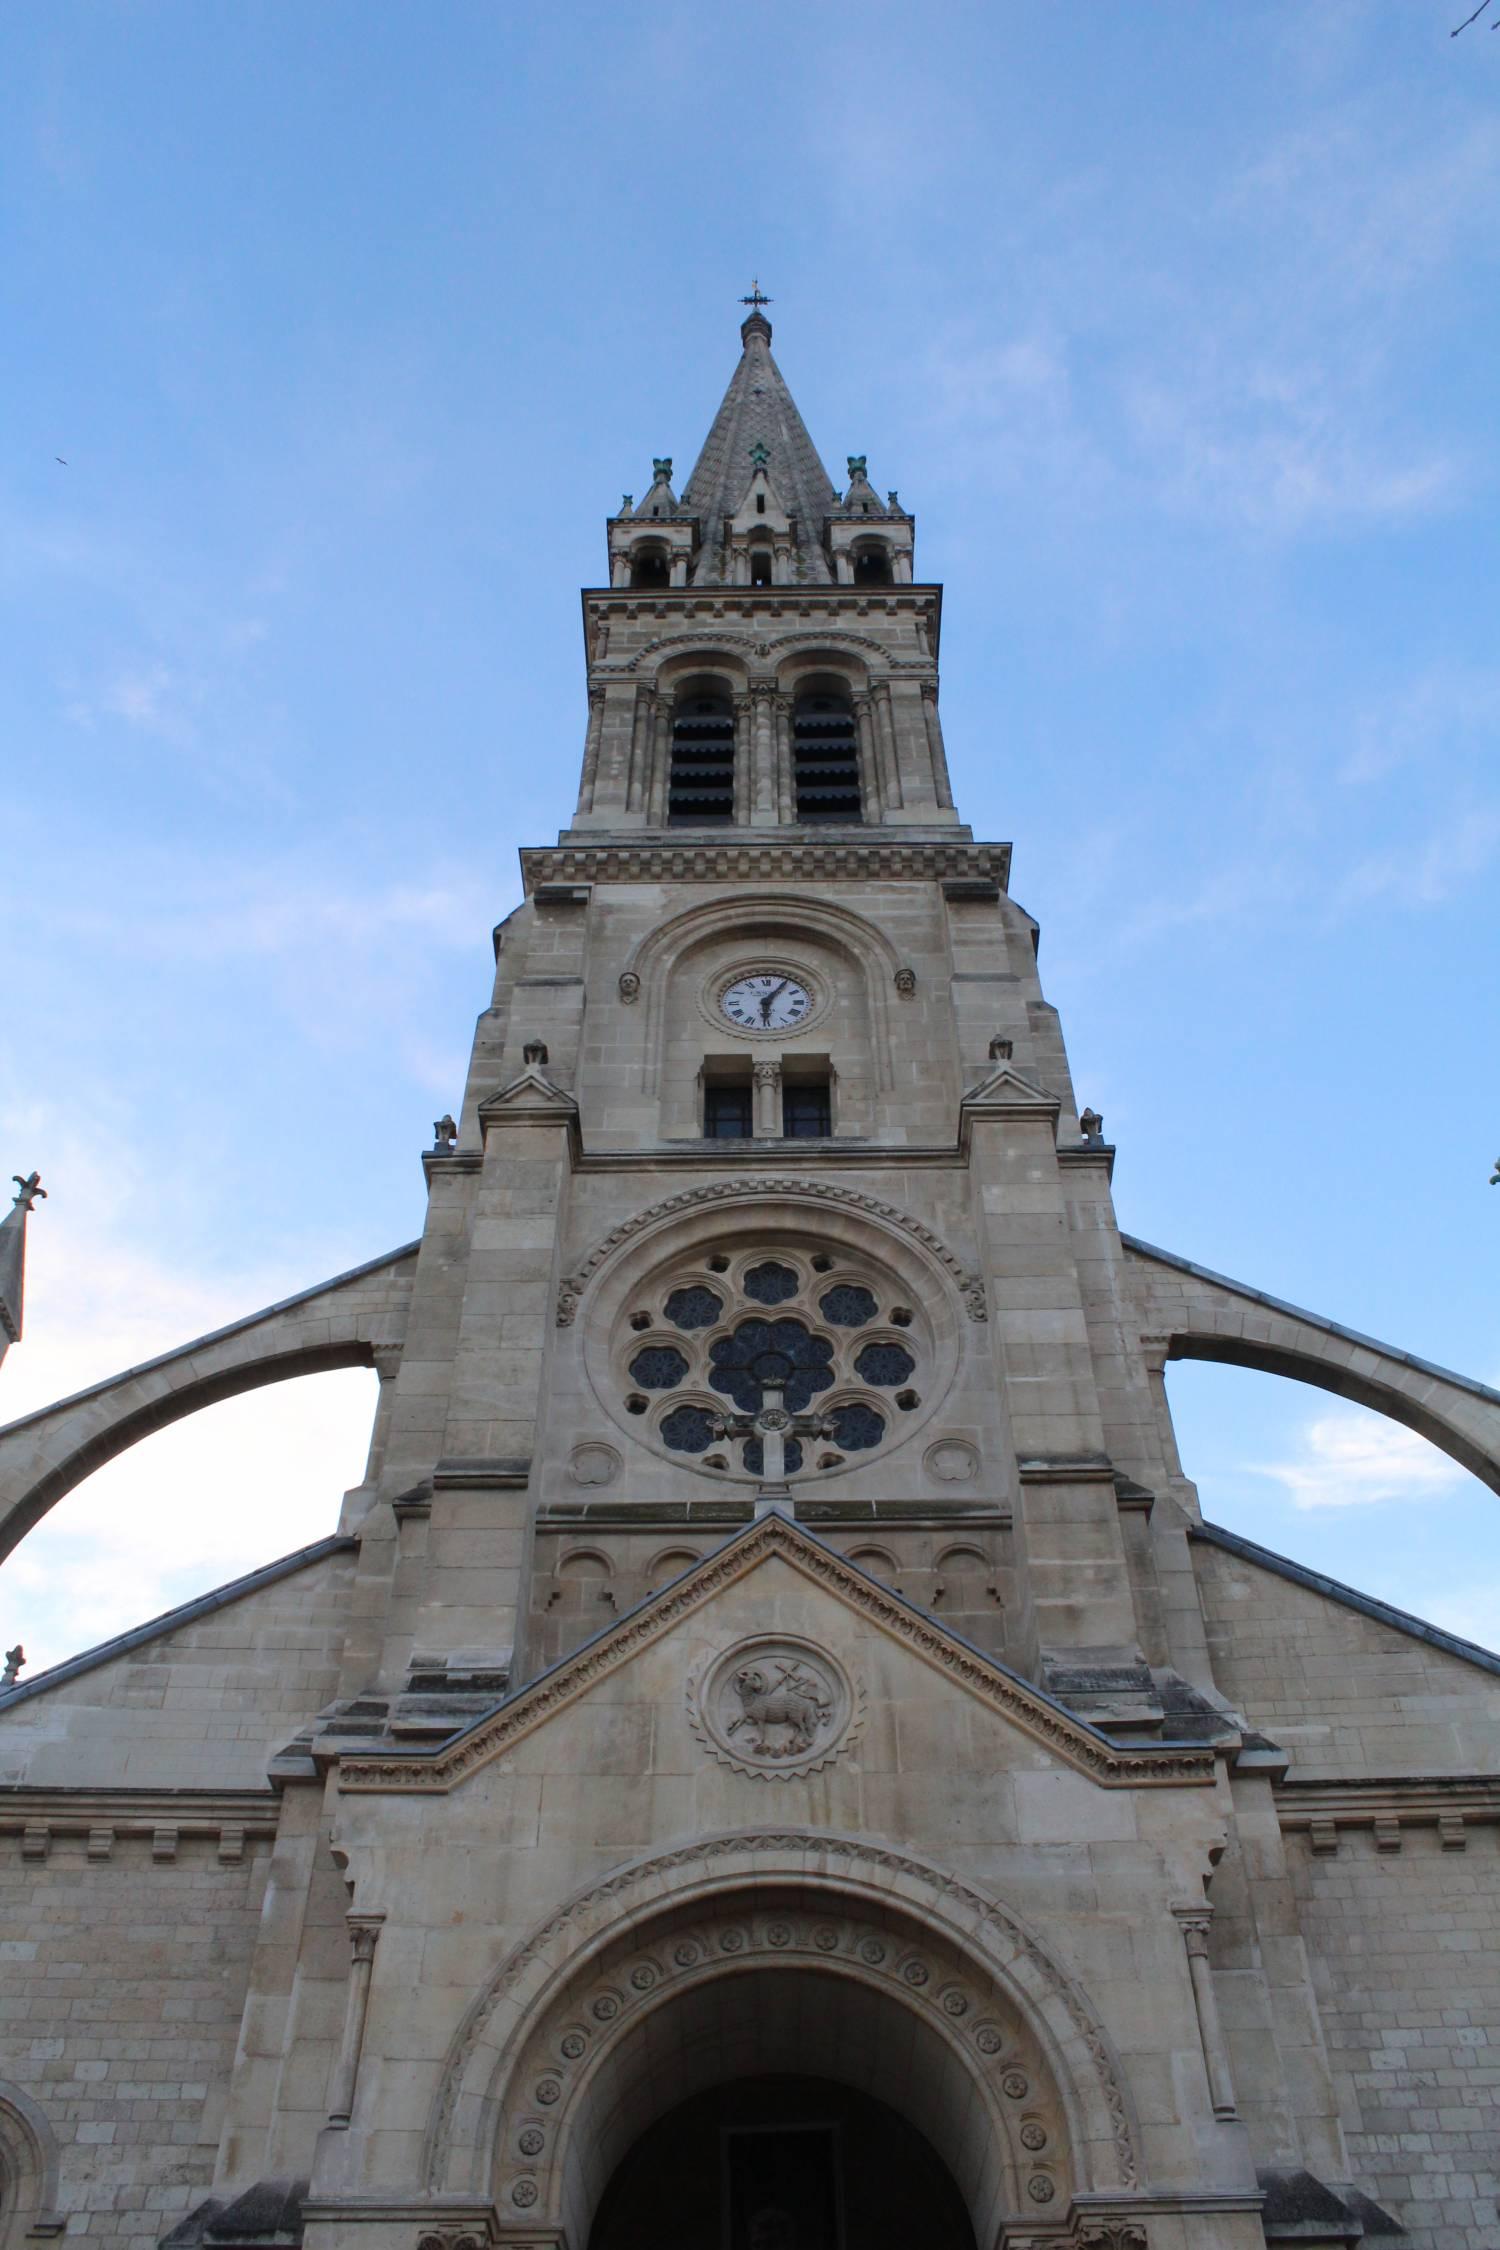 Église Saint-Clodoald de Saint-Cloud